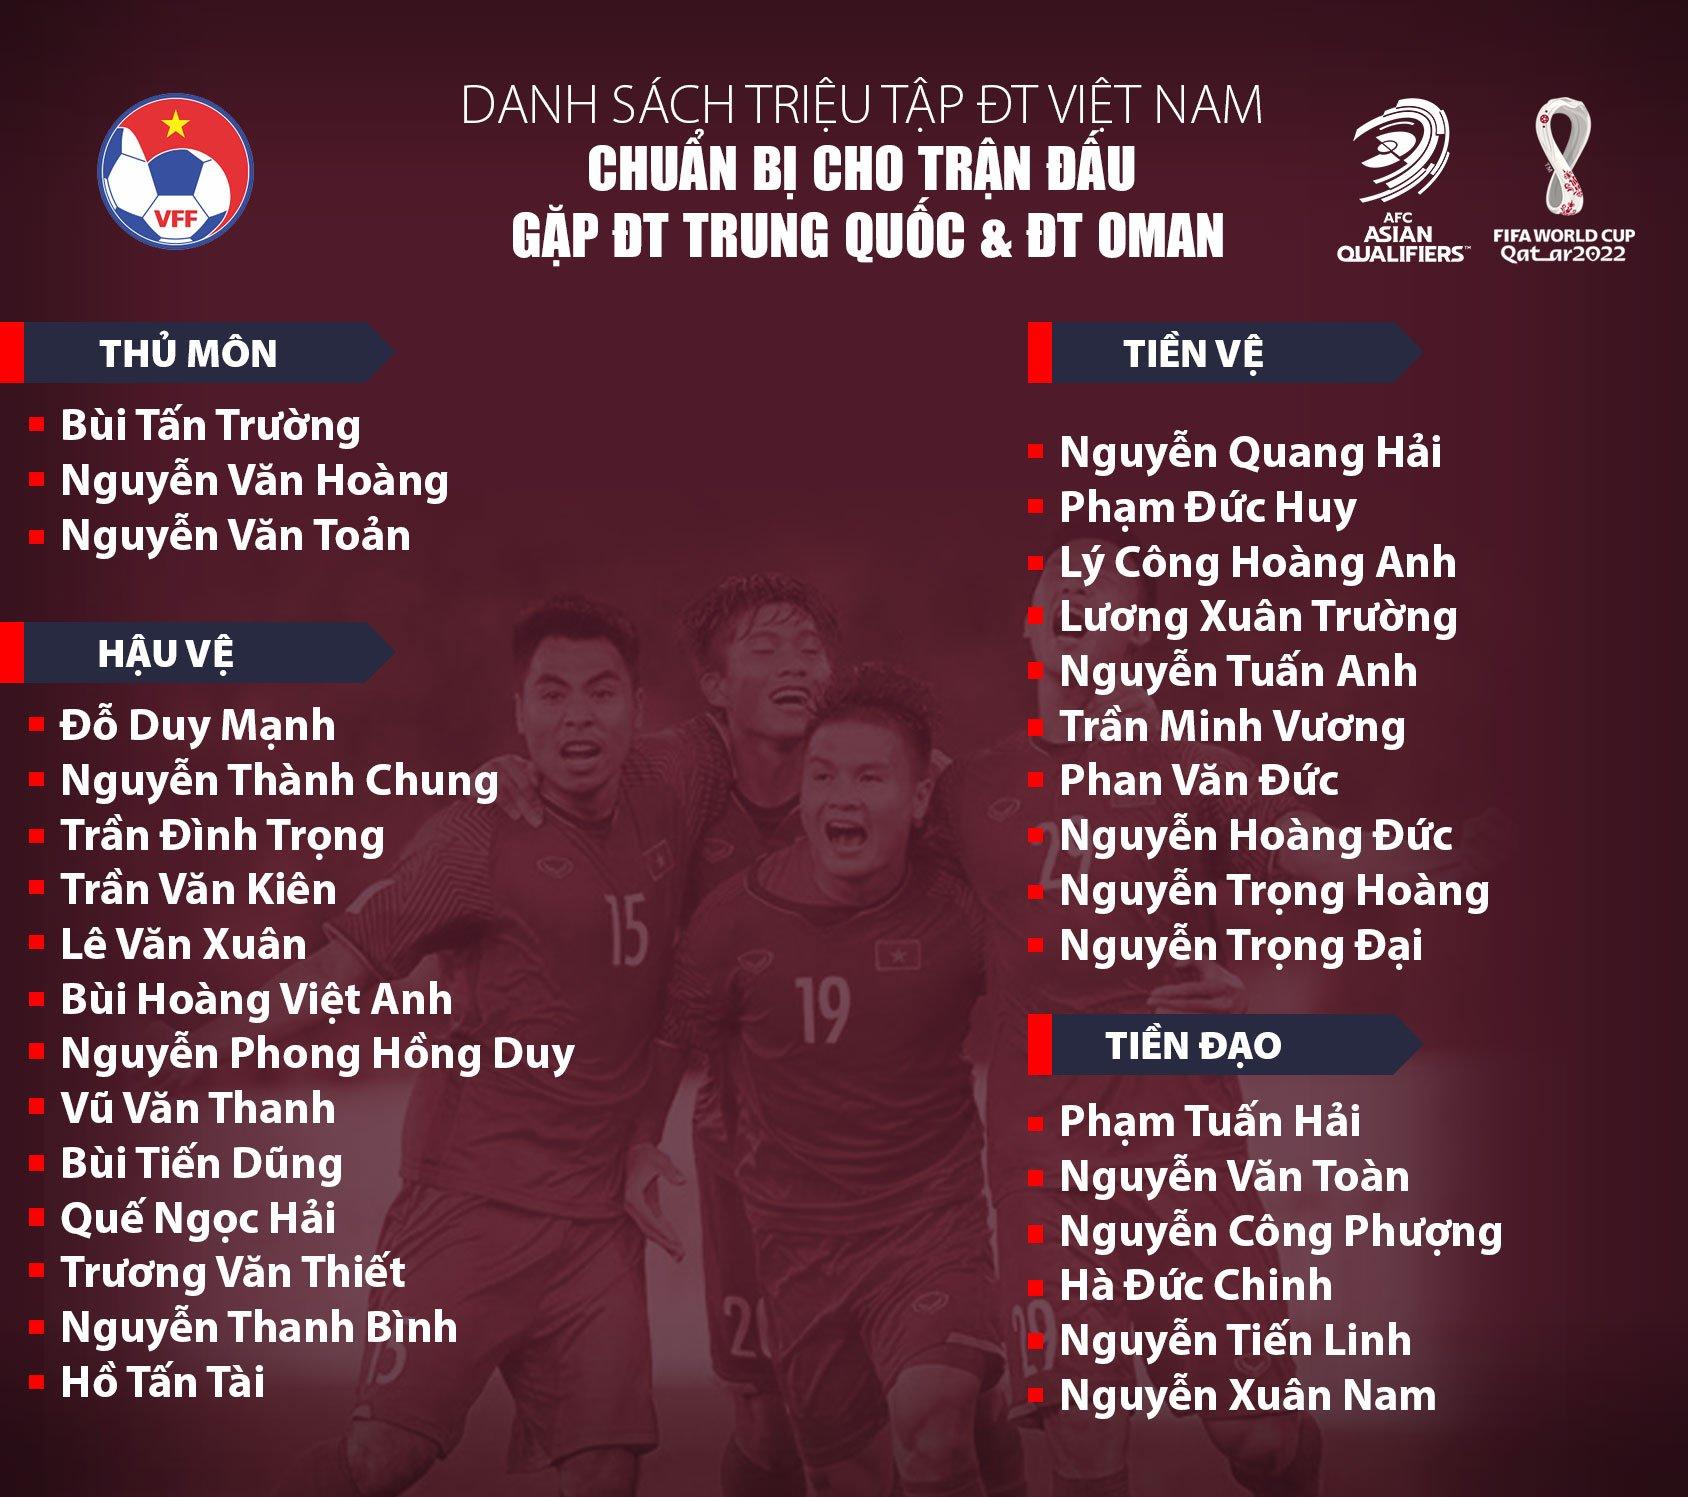 Đội tuyển Việt Nam trở lại sân tập, chuẩn bị cho trận gặp Trung Quốc và Oman  -0